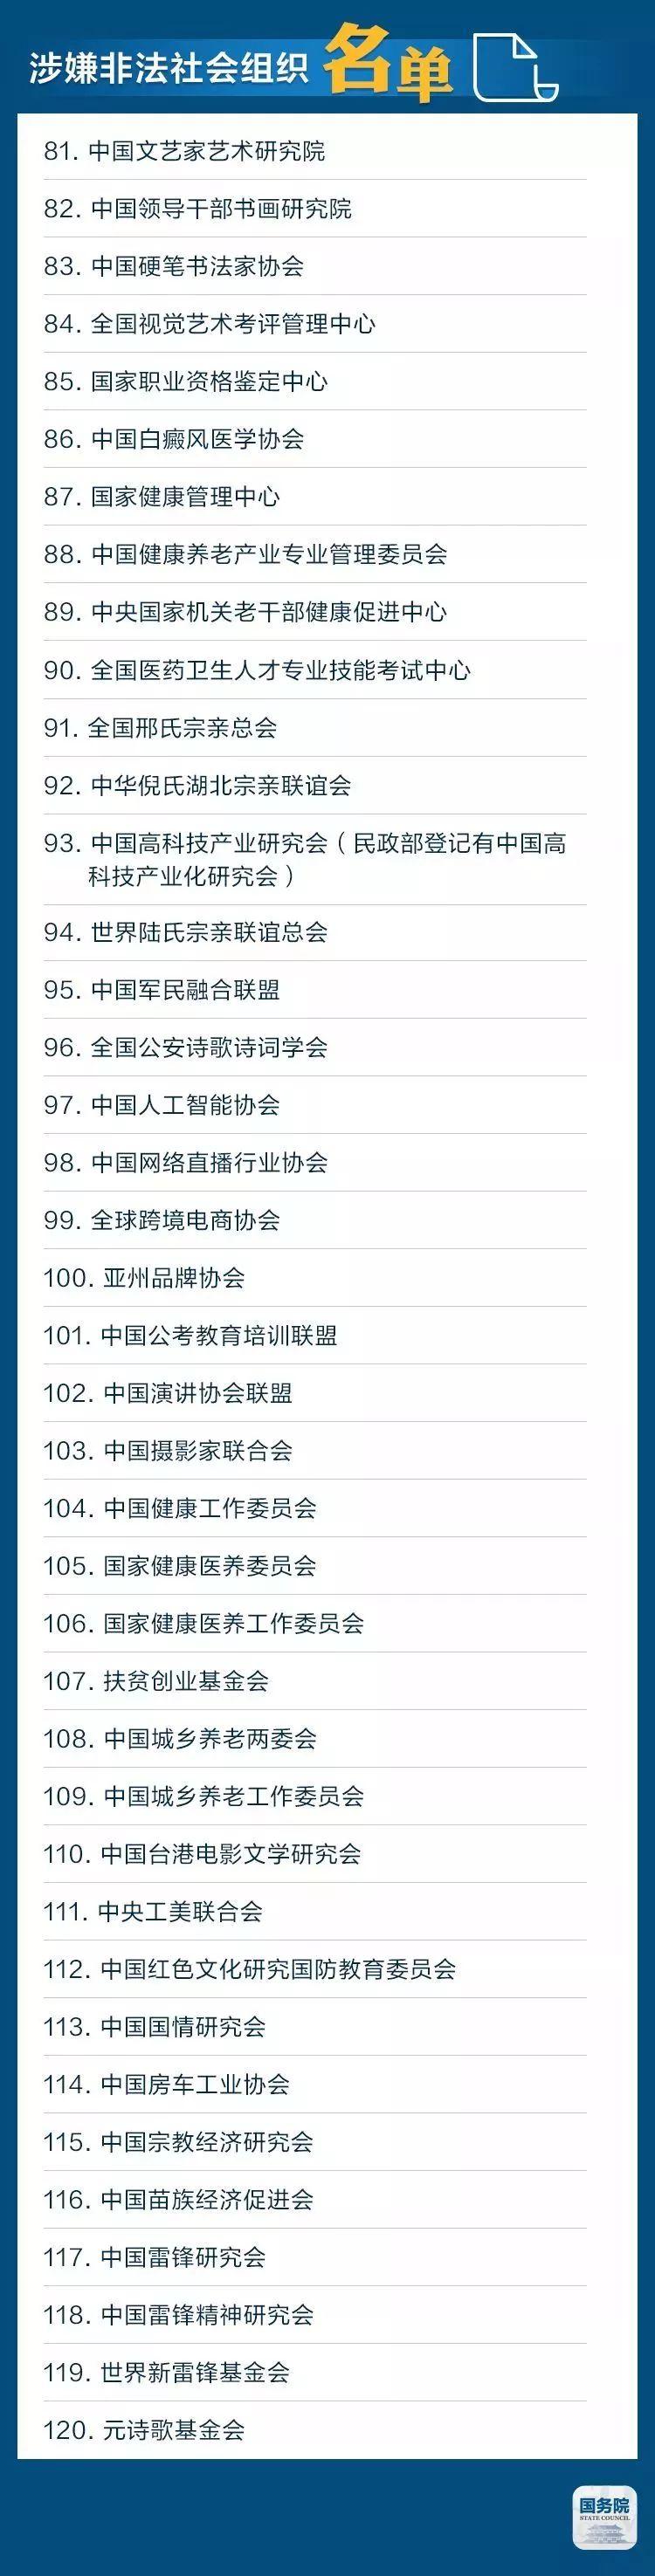 中国建筑业联合会等被认定为涉嫌非法组织,别上当!_6